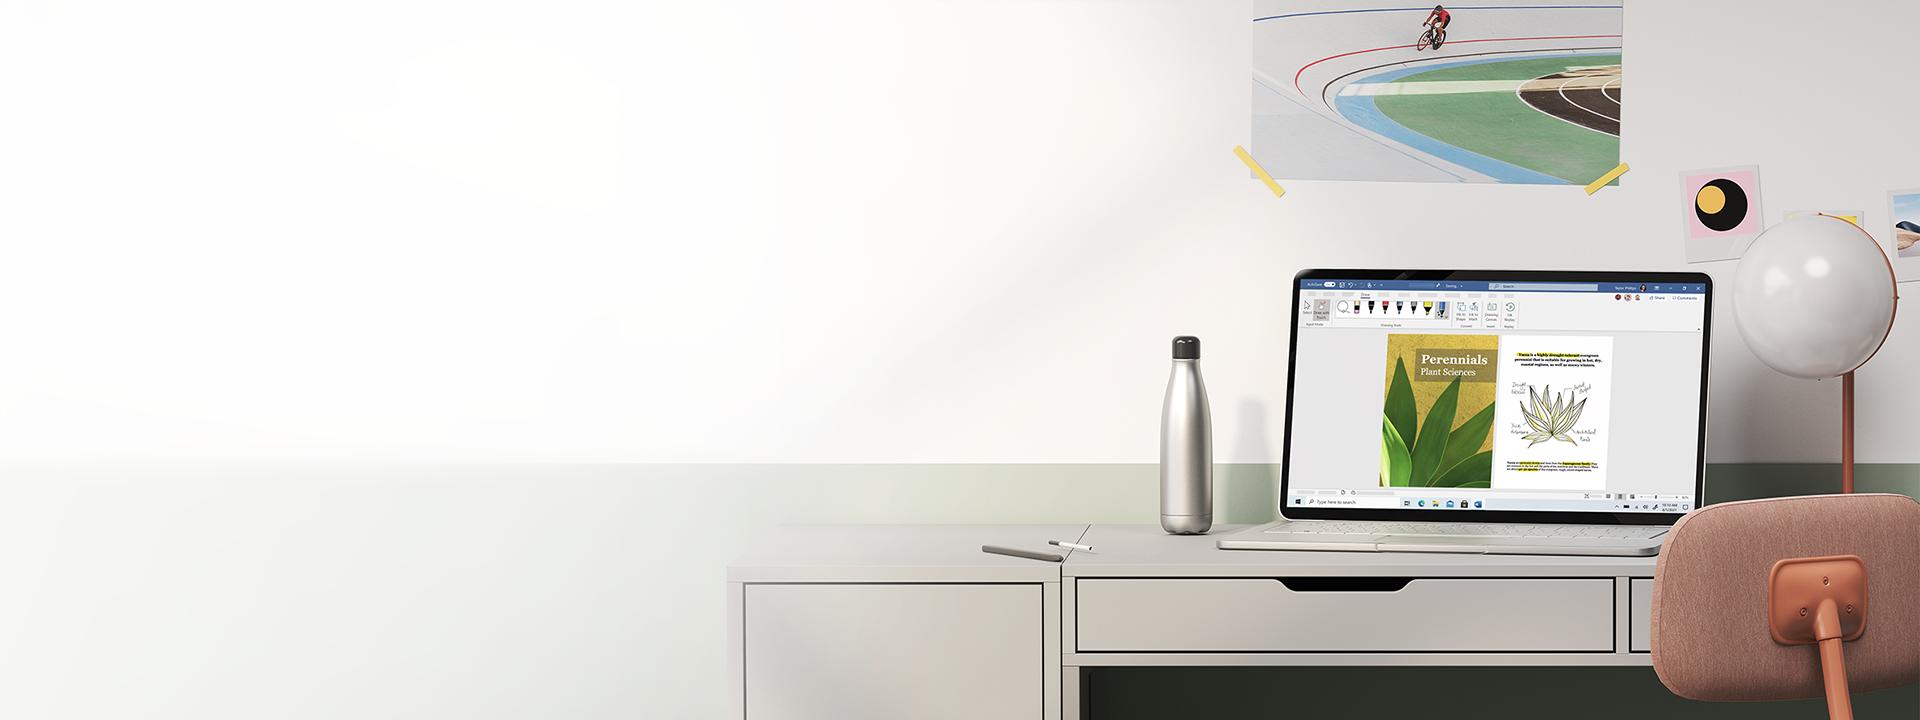 Un portatile Windows10 su una scrivania